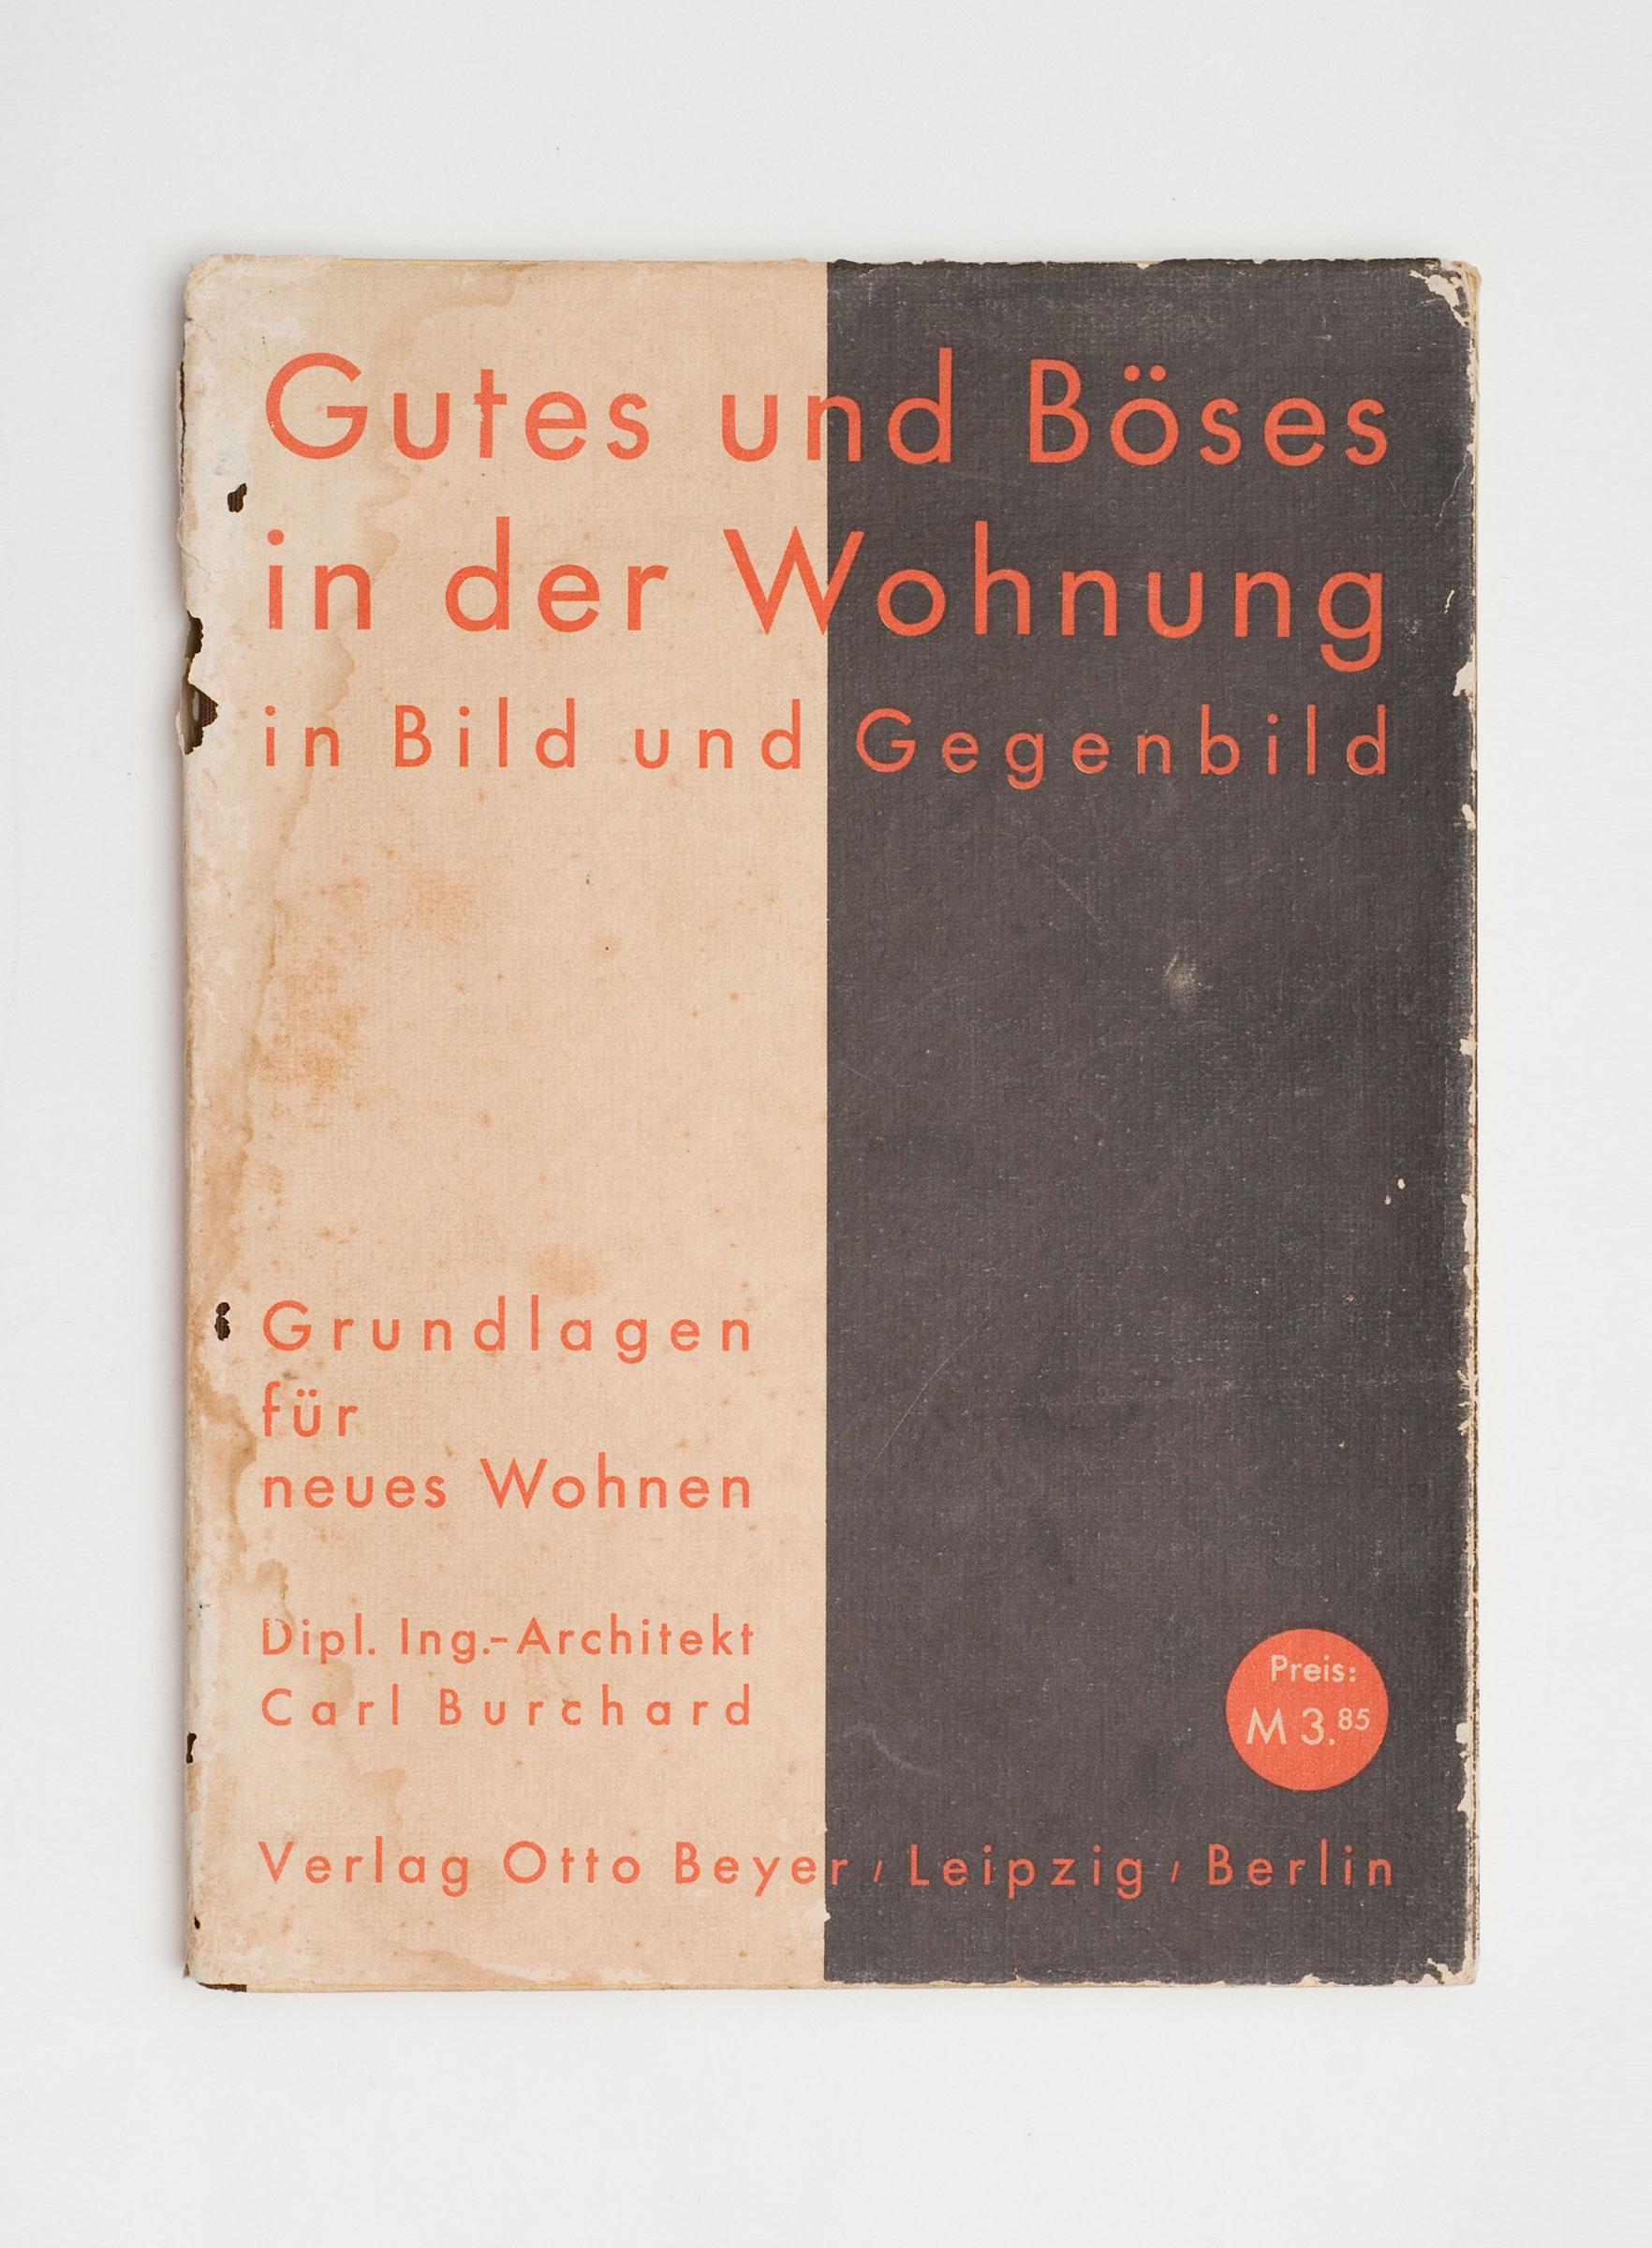 Gutes und Böses in der Wohnung, 1st + 2nd edition